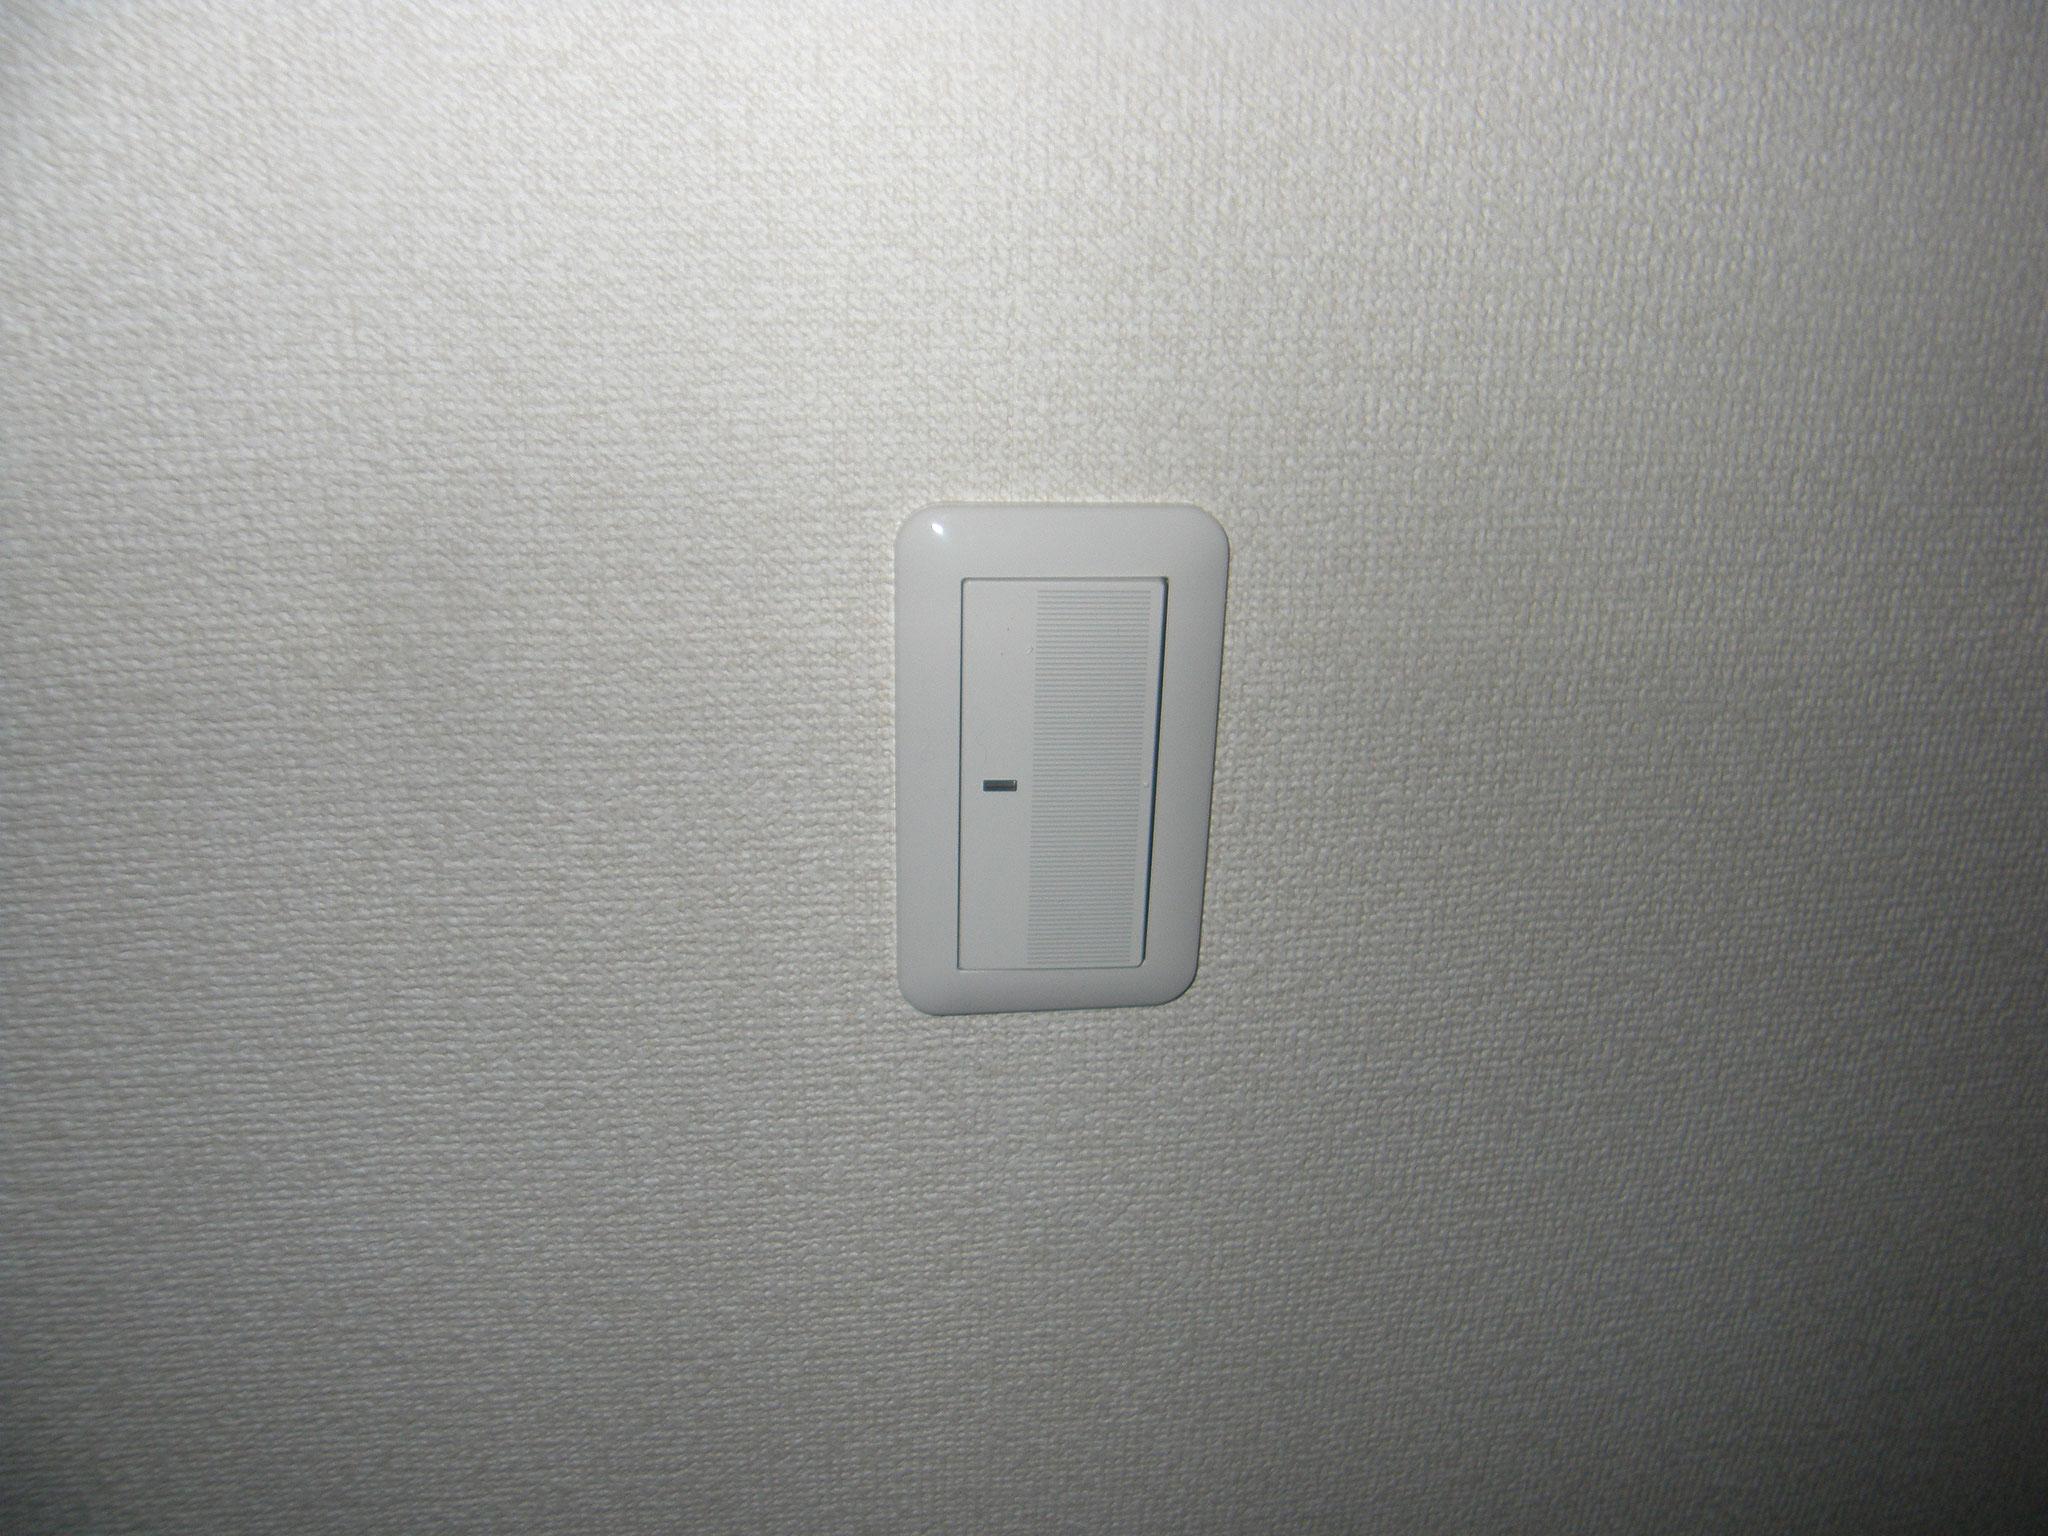 ほたるスイッチ交換作業:工程写真